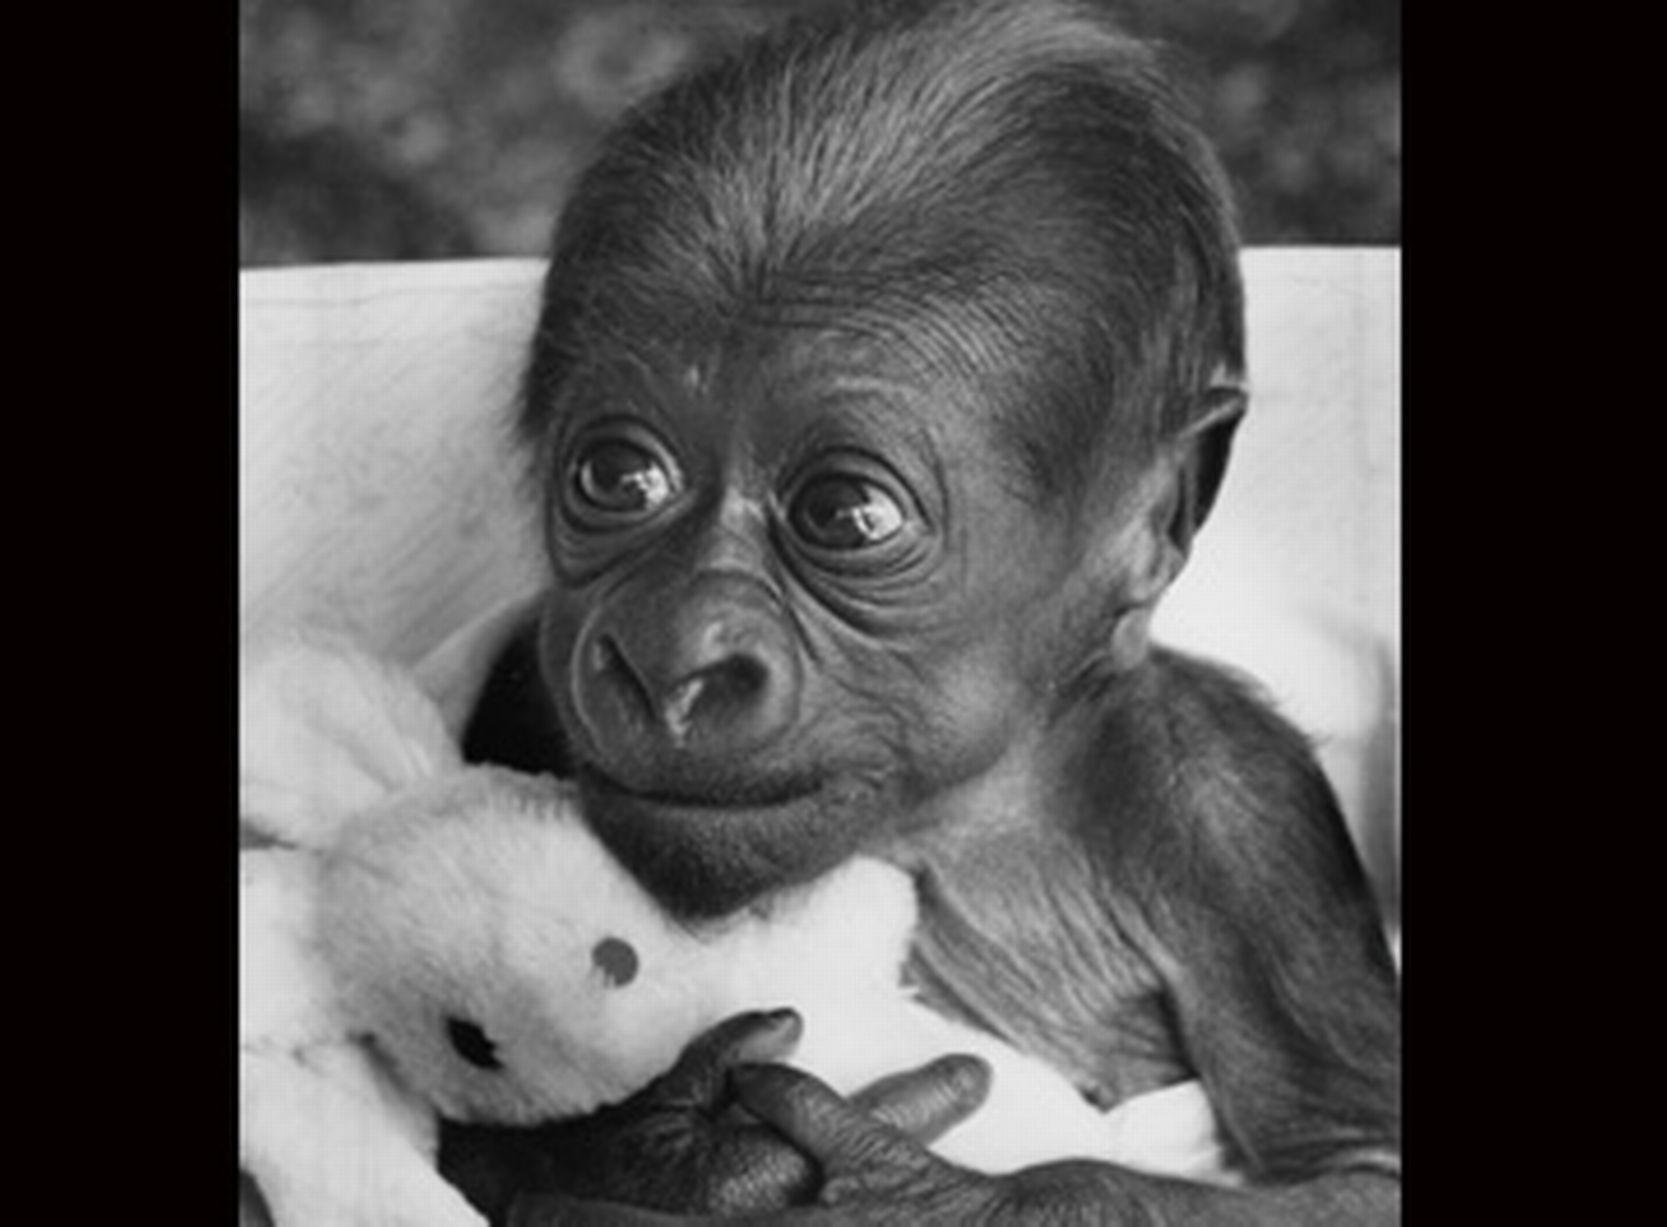 Asante A Baby Gorilla At Twycross Zoo Leicestershire In 1985 Animals Baby Animals Baby Gorillas